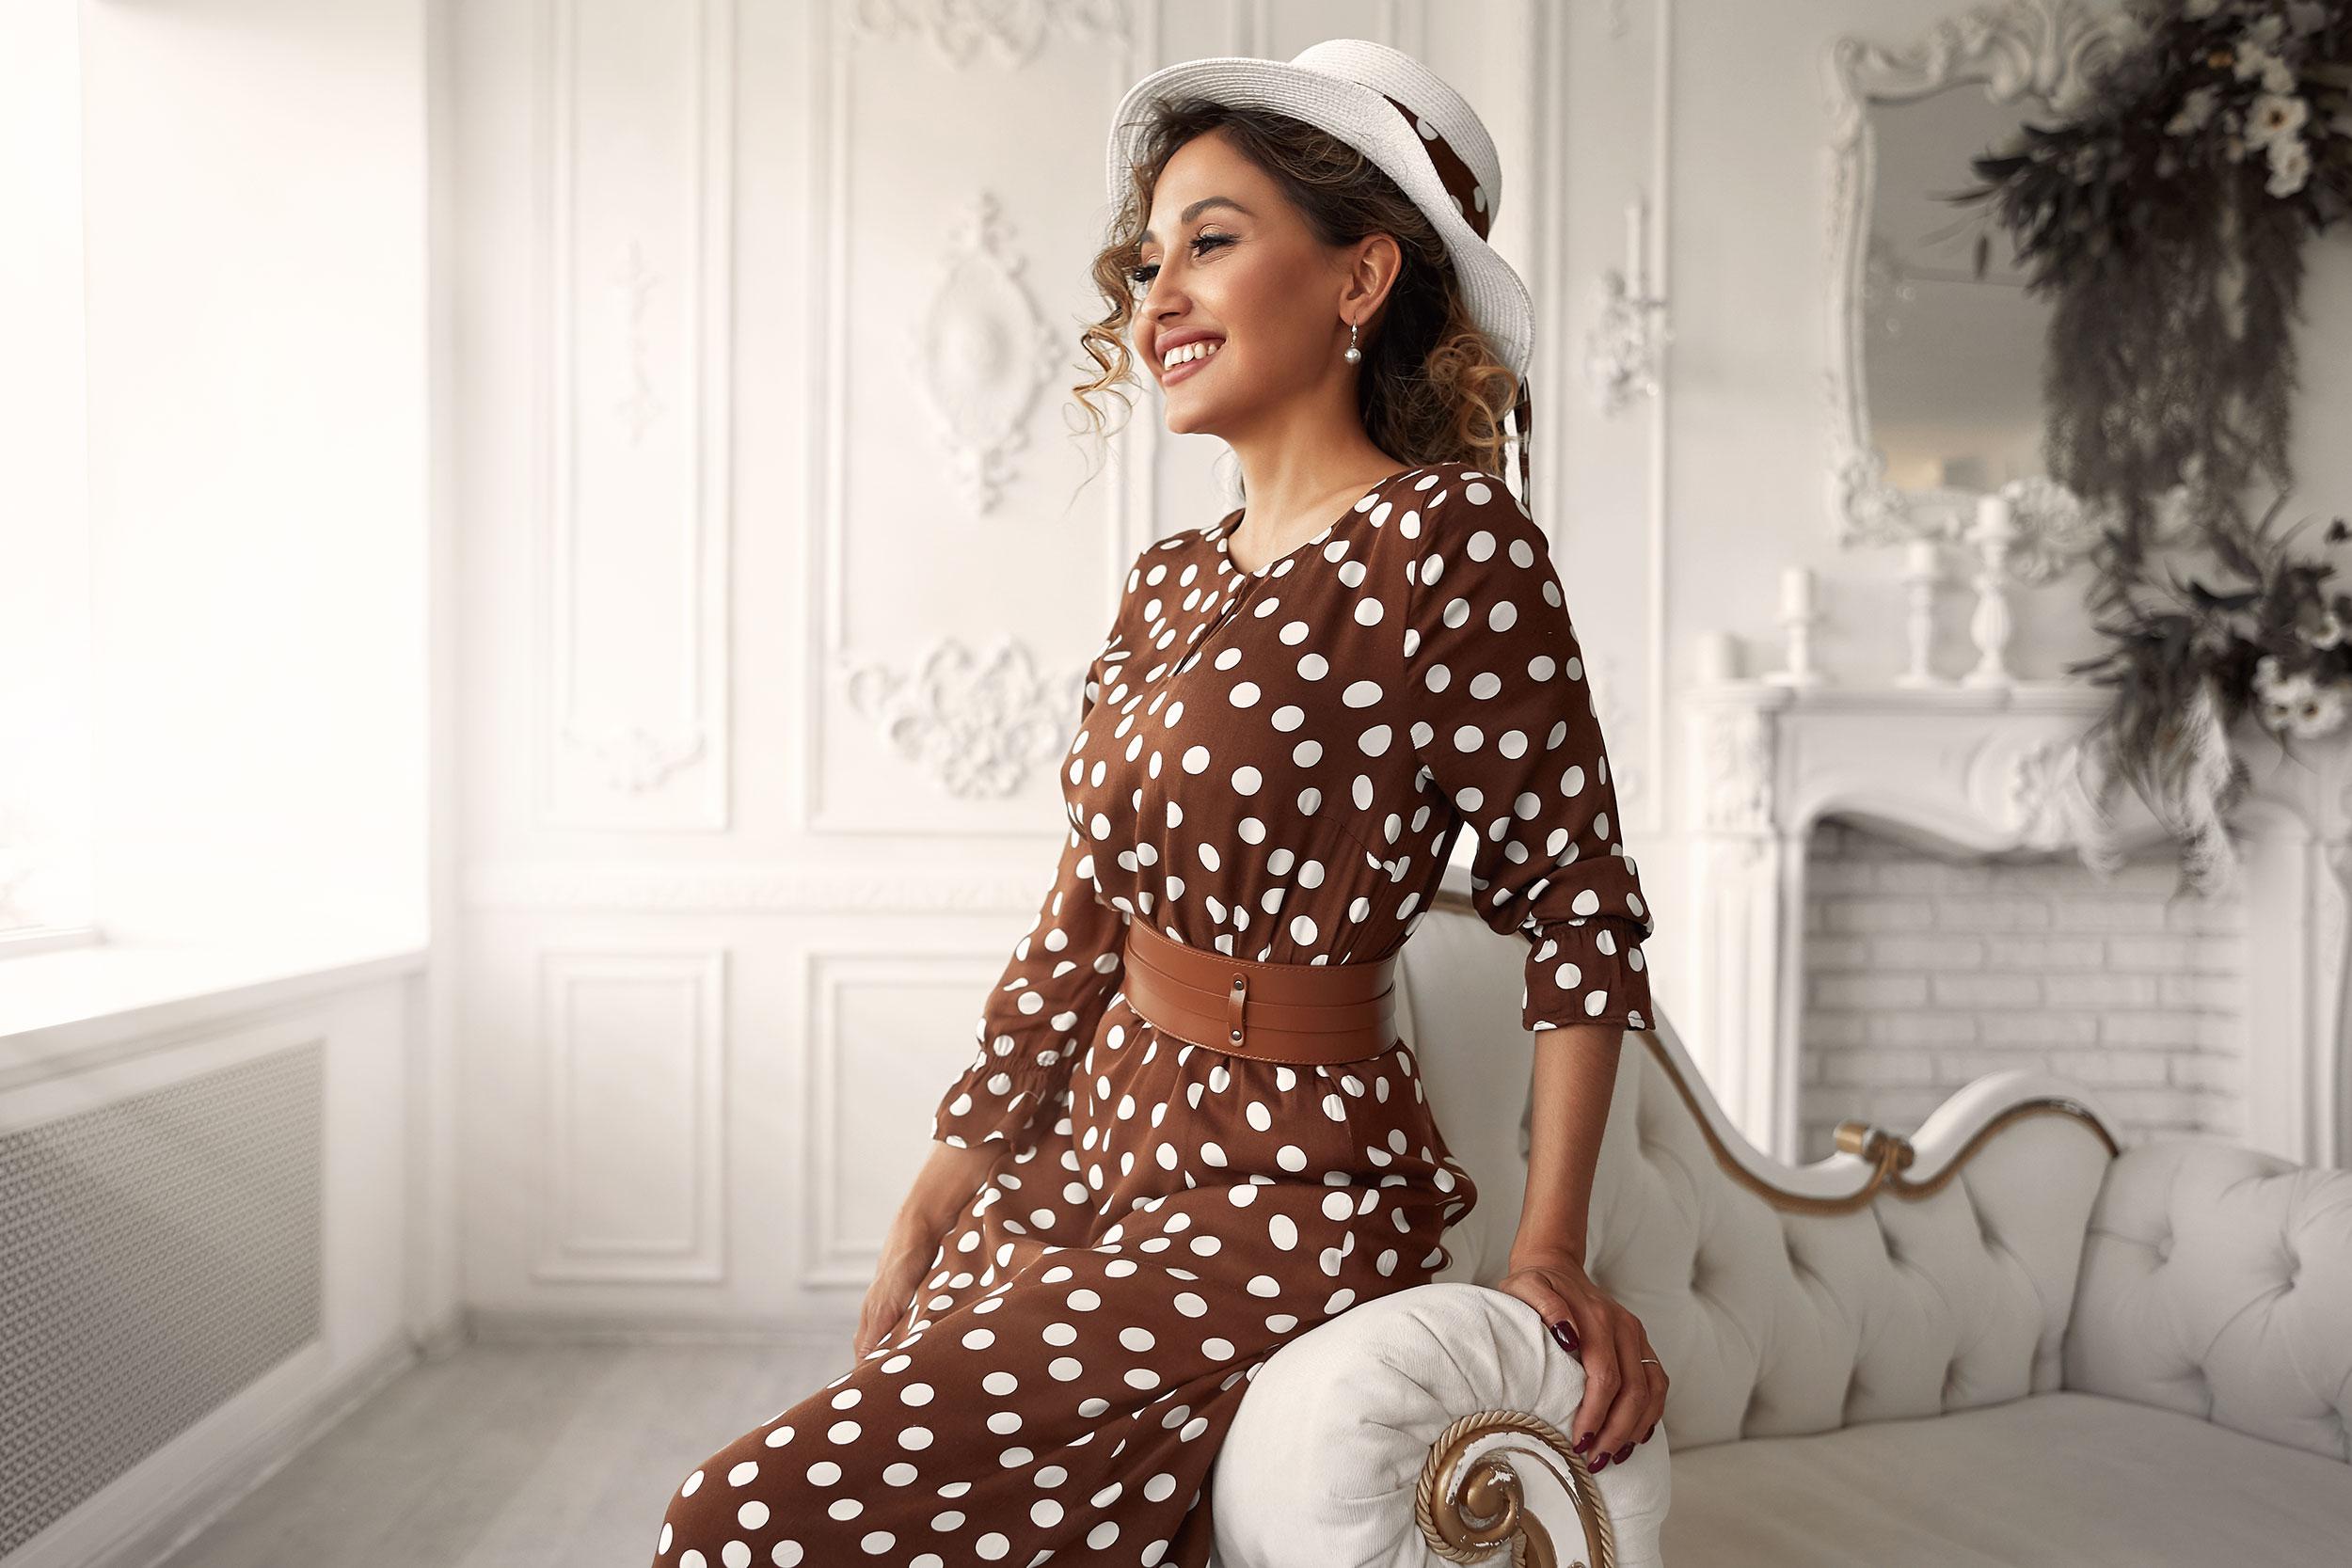 Платье в горошек / фотограф Александр Скрипников